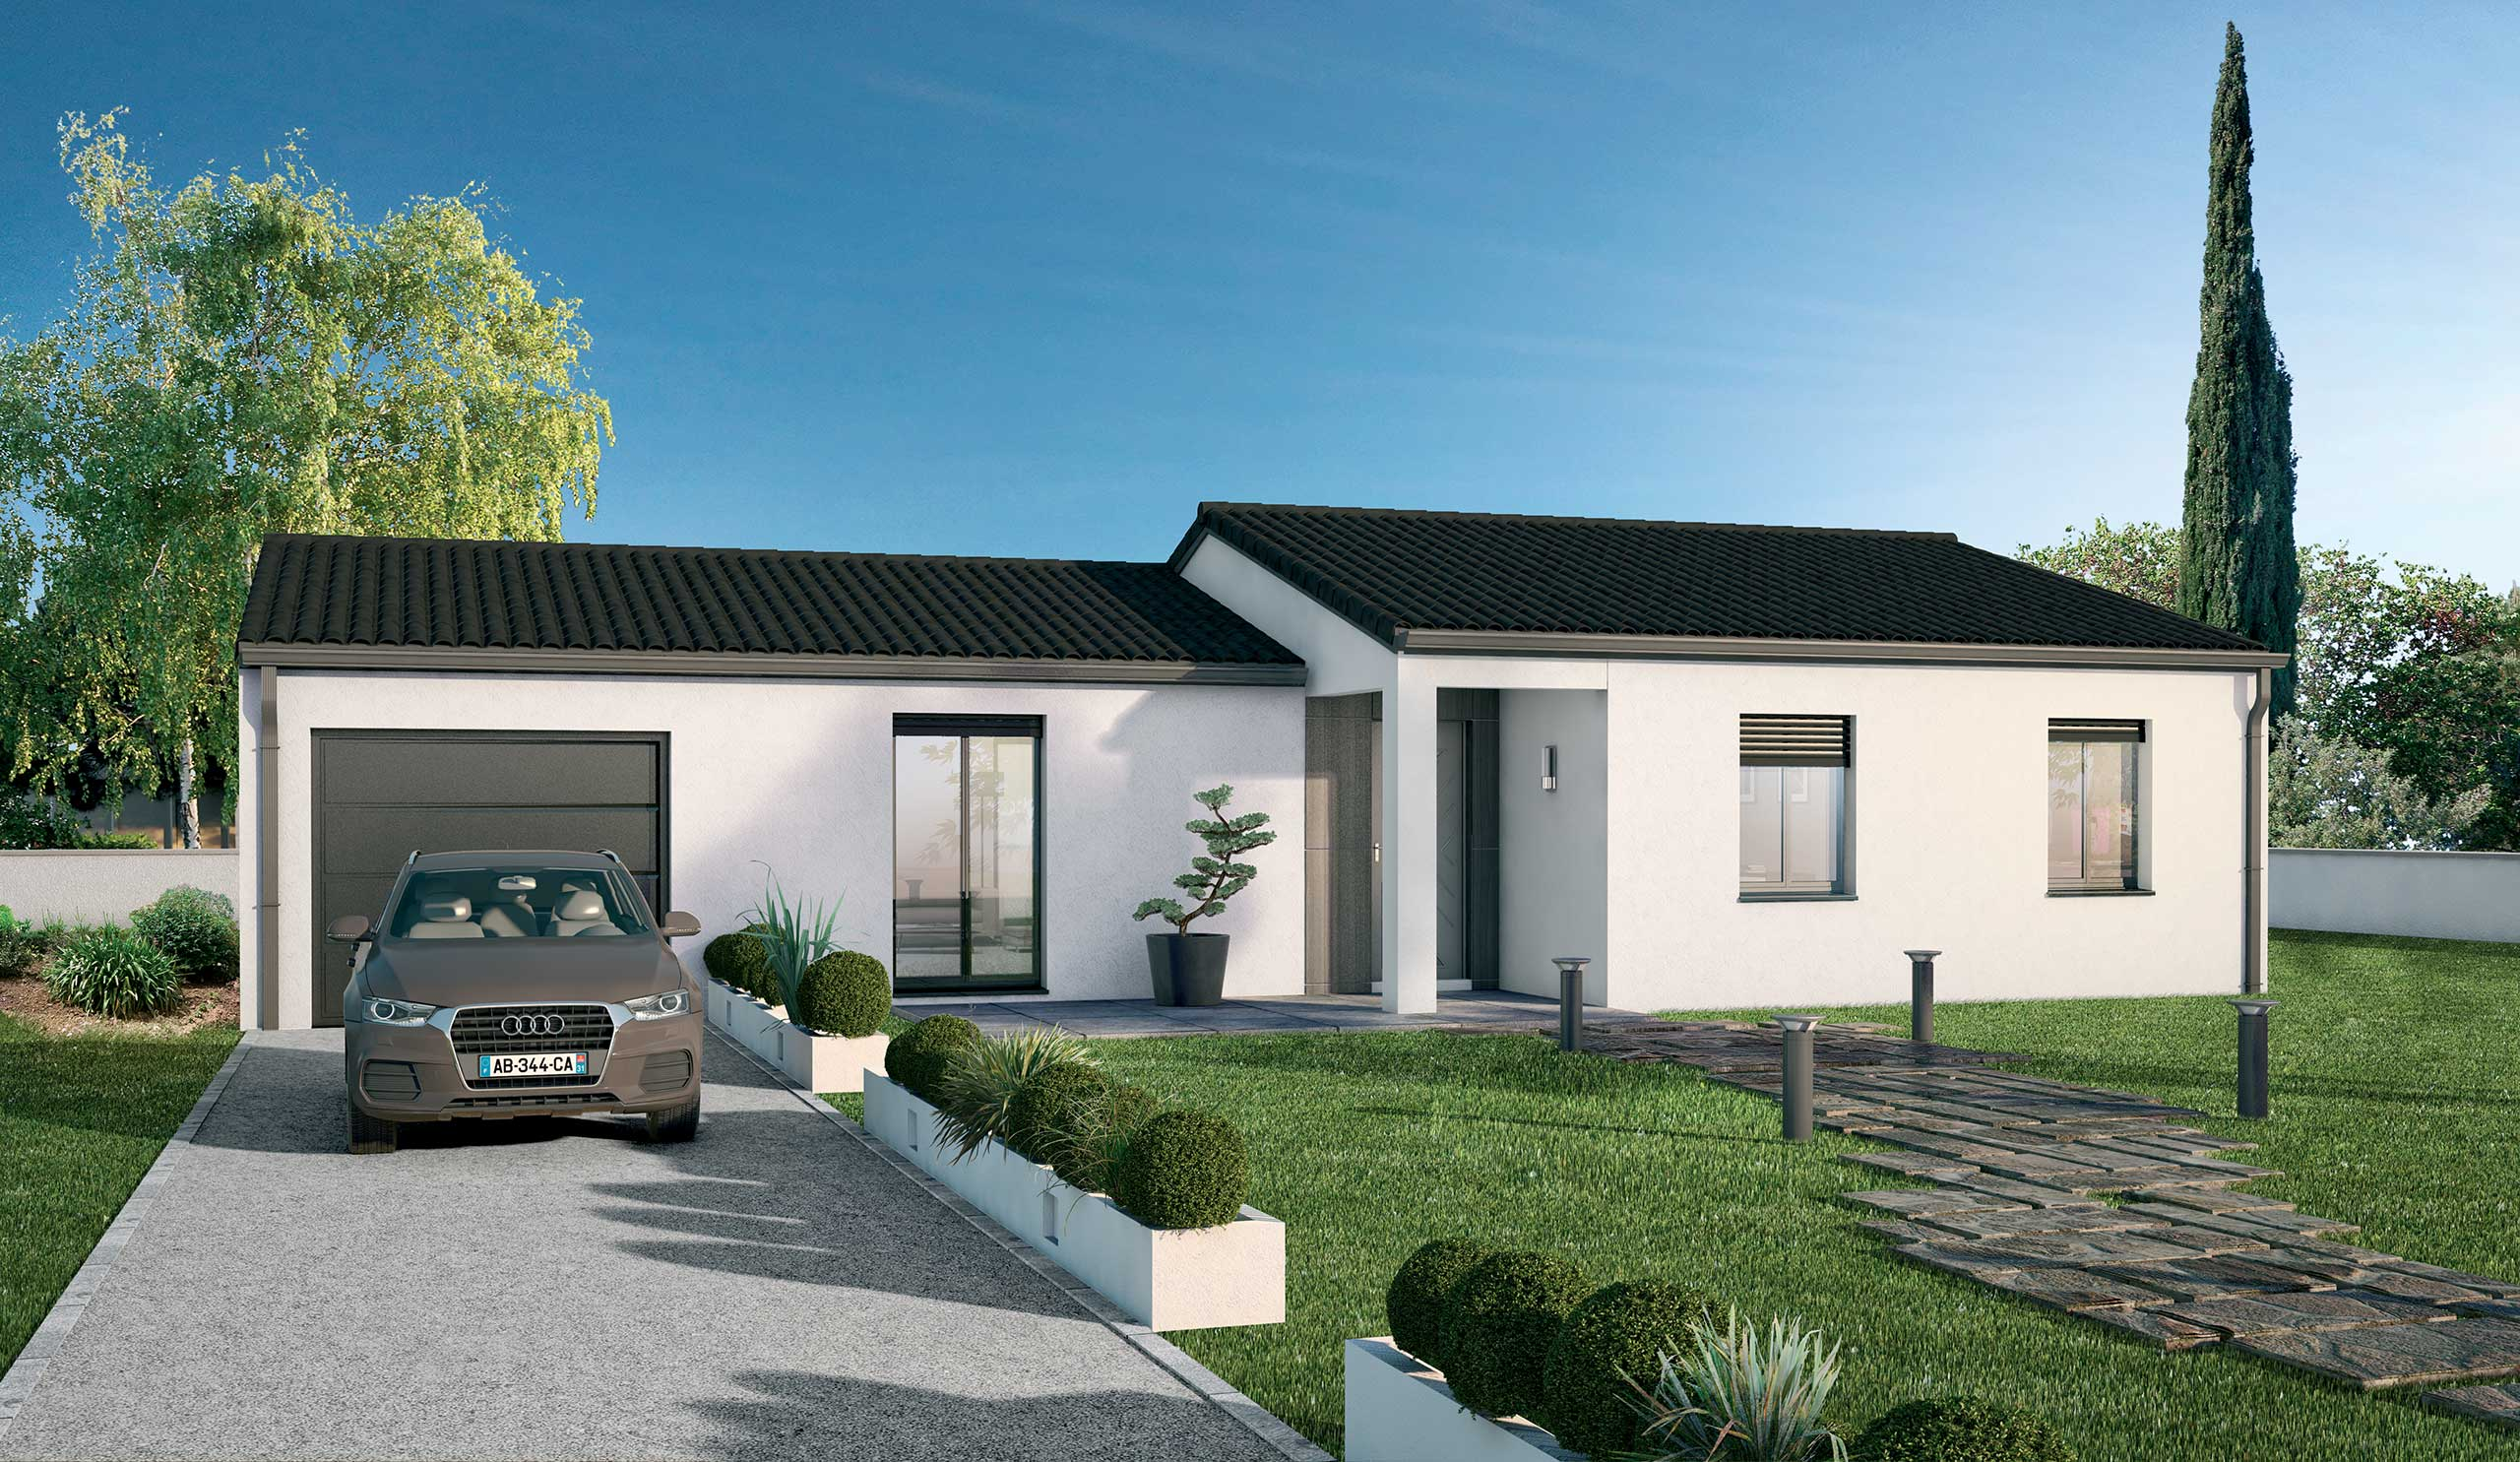 maison modèle de maison lilas : un design agréable et lumineux